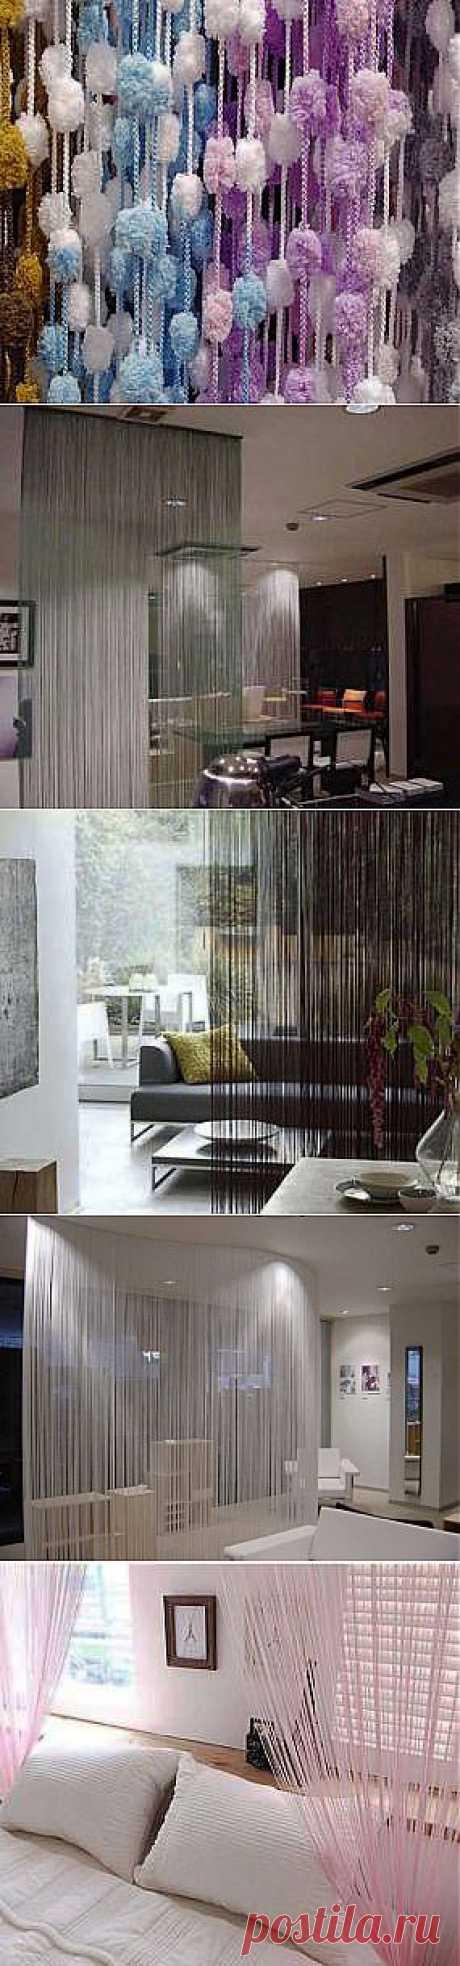 Тысяча нитей для украшения вашей квартиры | Наш уютный дом